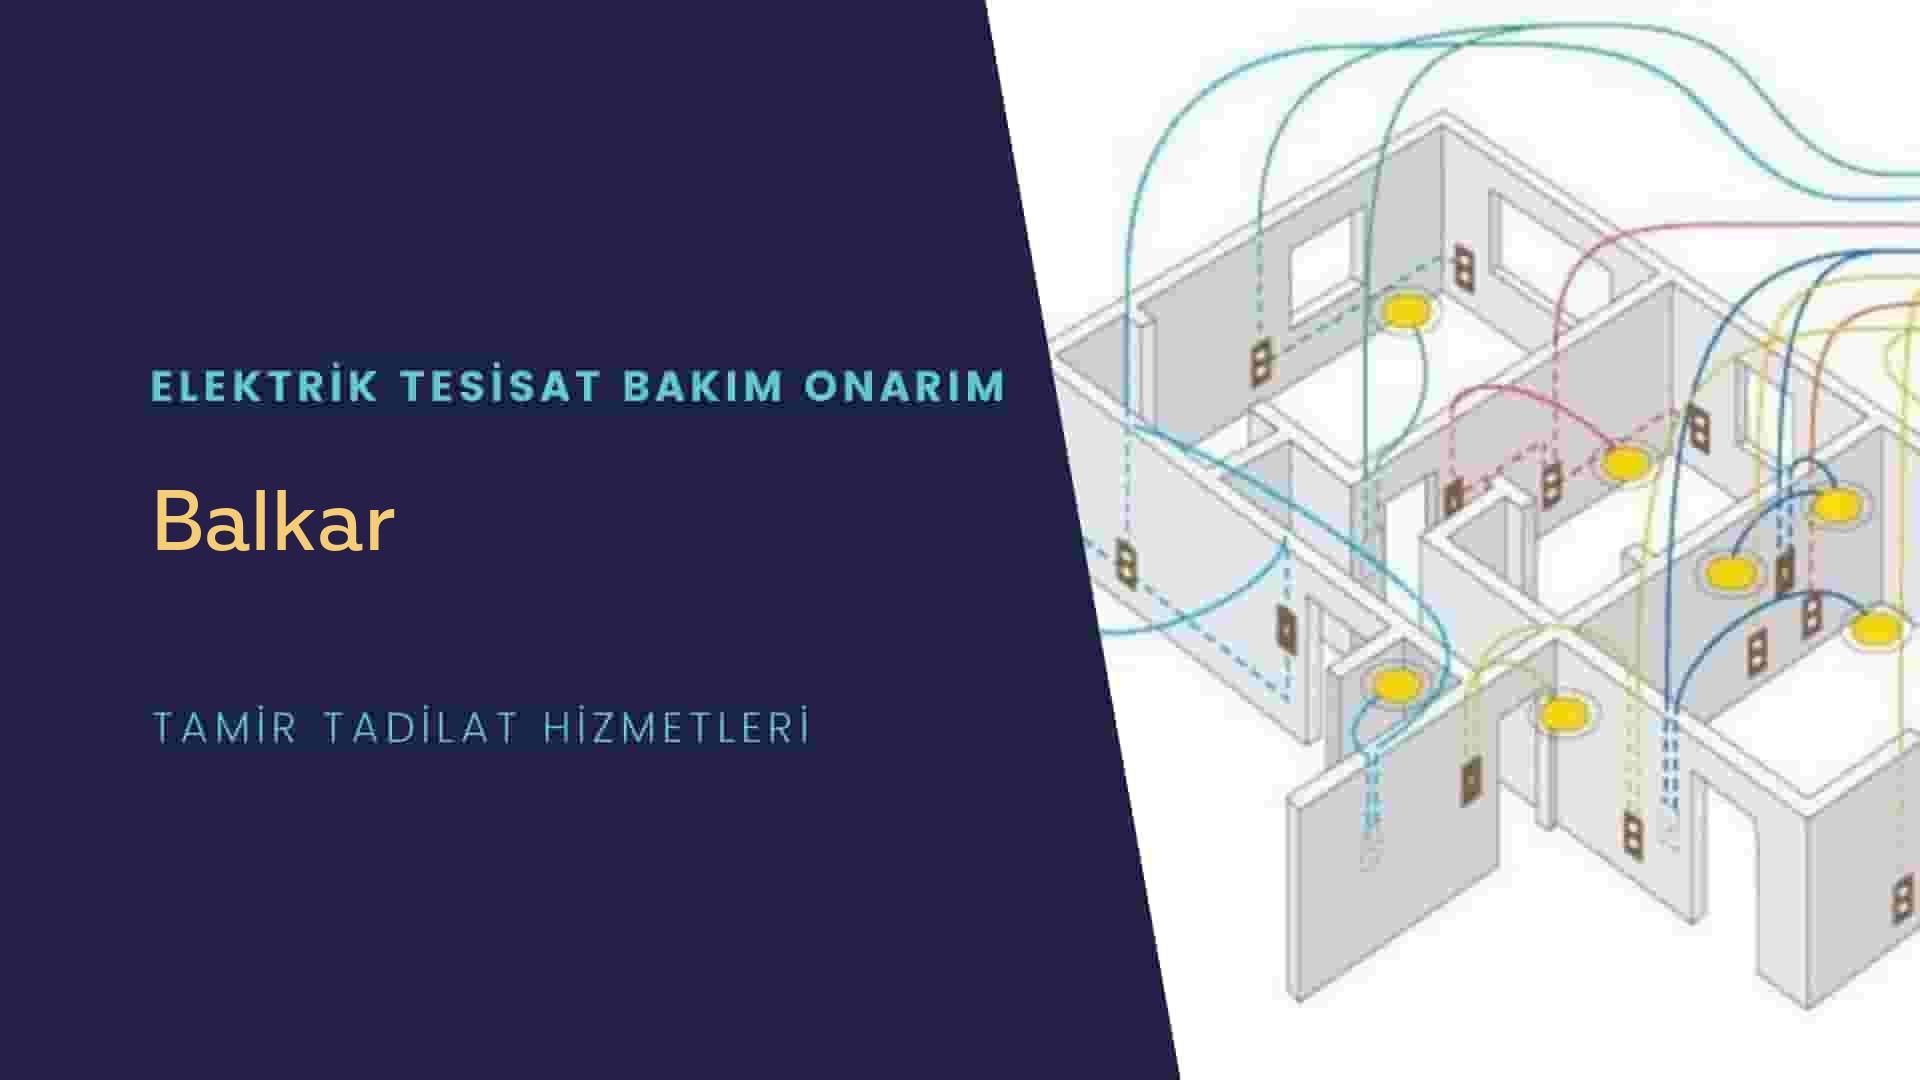 Balkar'da elektrik tesisatıustalarımı arıyorsunuz doğru adrestenizi Balkar elektrik tesisatı ustalarımız 7/24 sizlere hizmet vermekten mutluluk duyar.